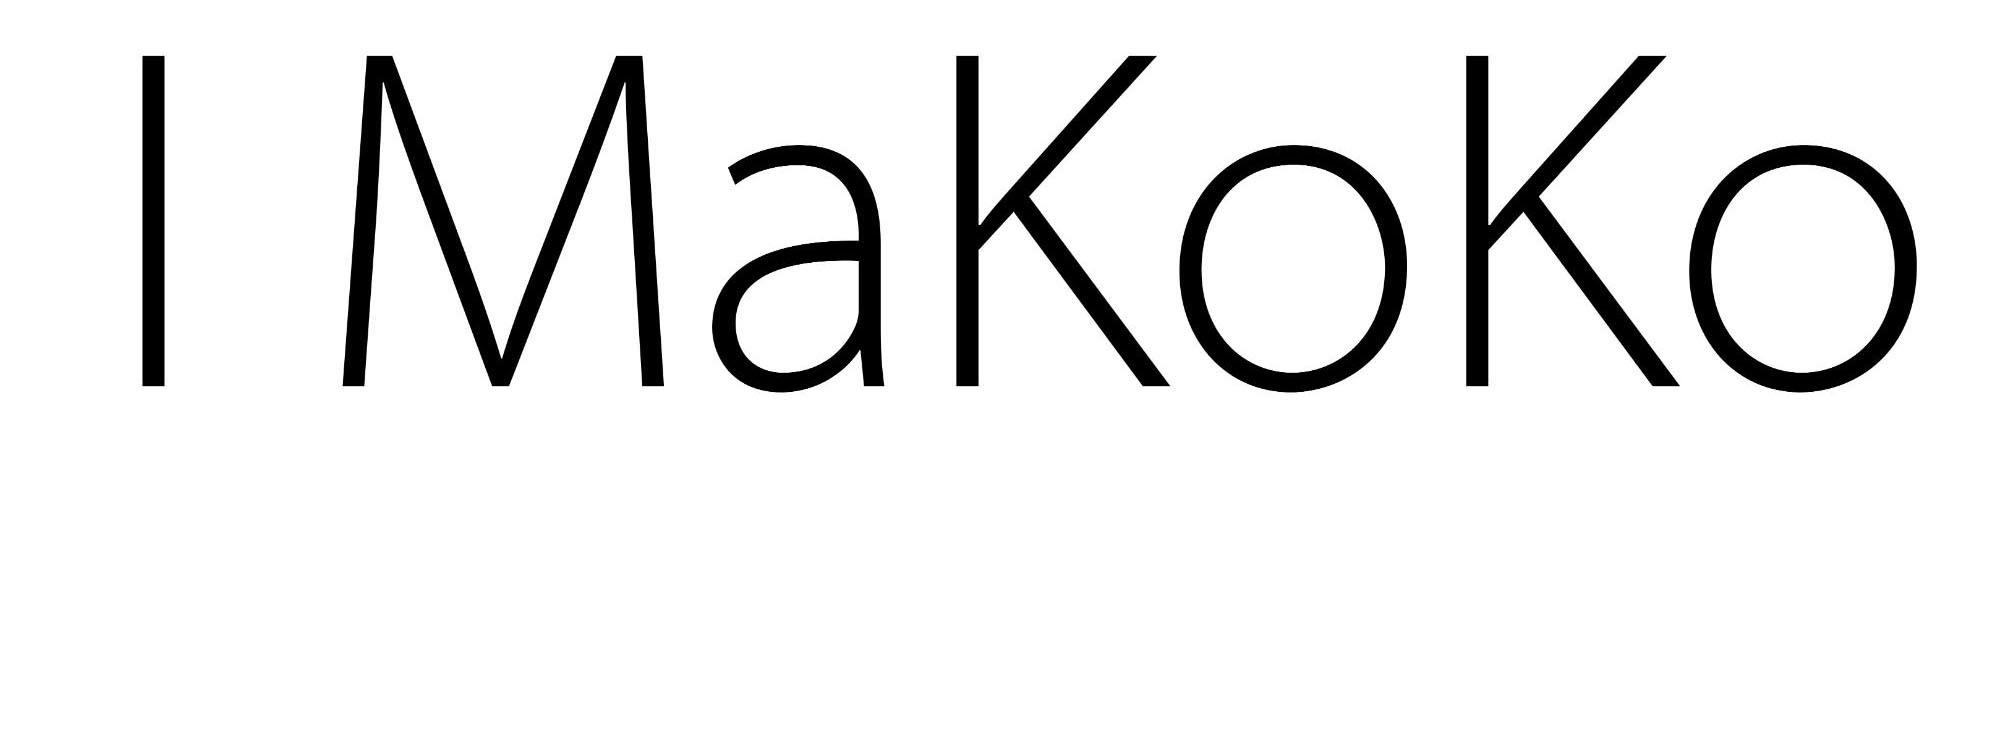 IMaKoKo